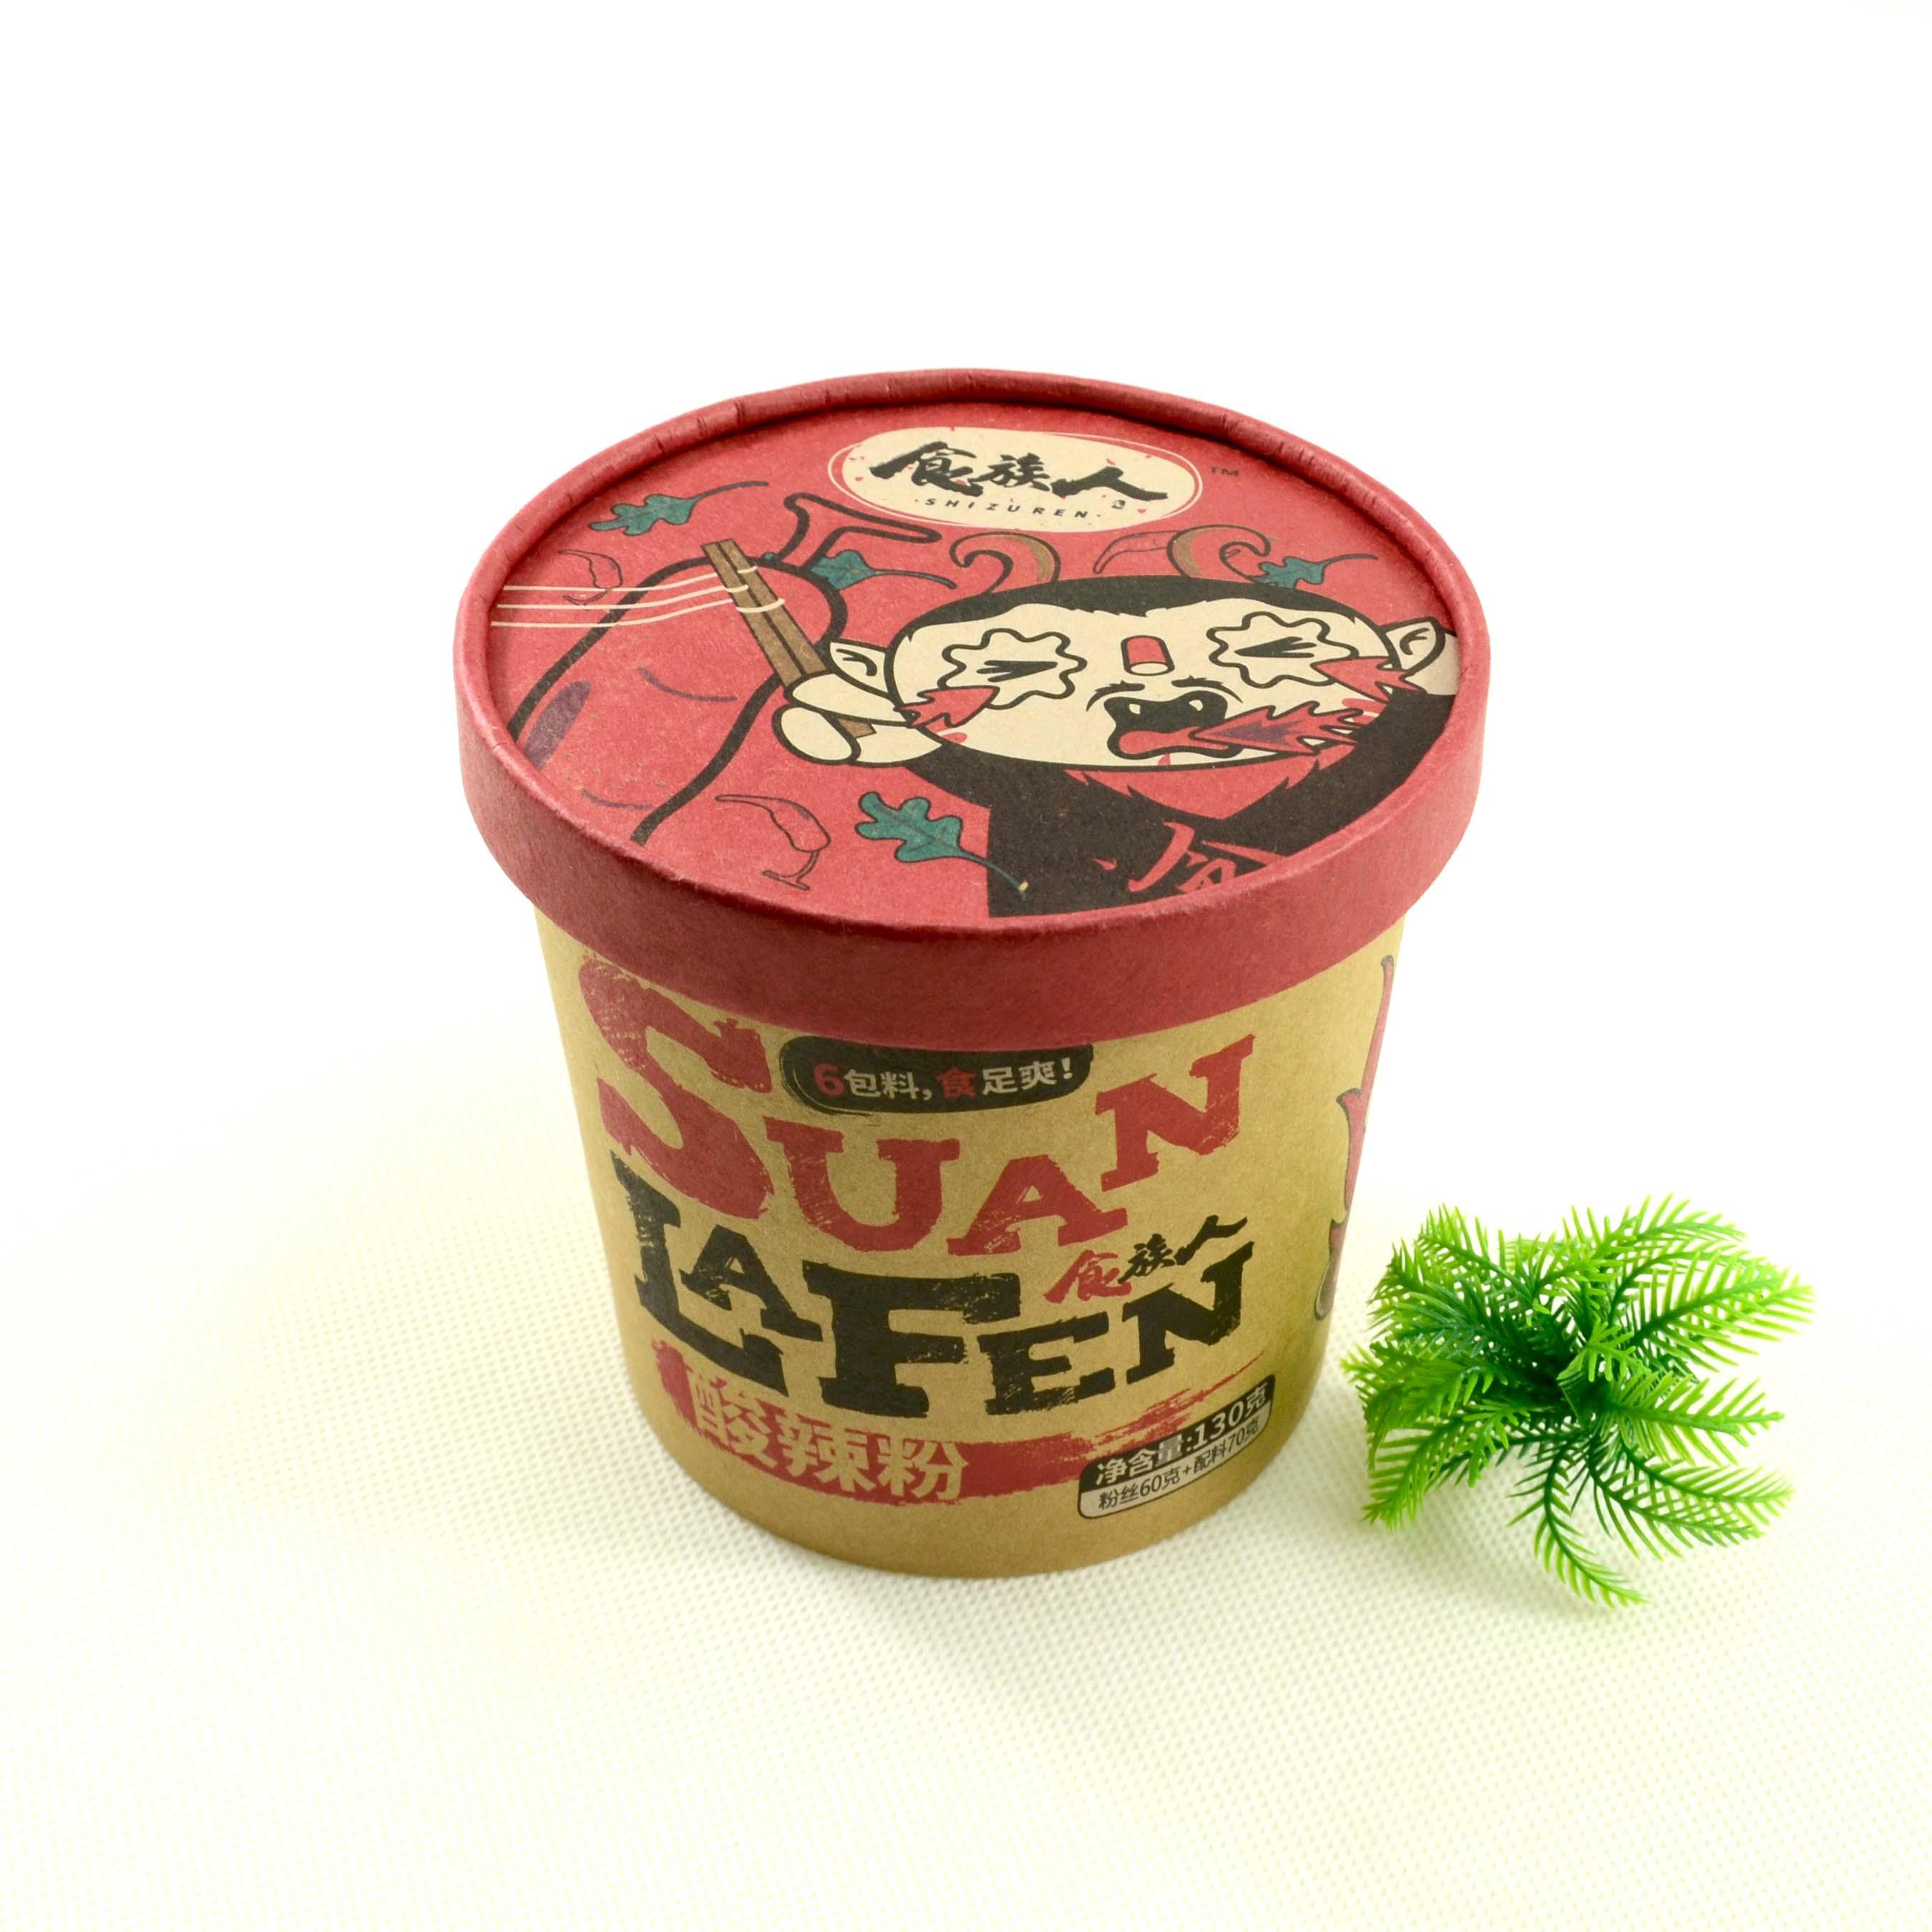 食族人酸辣粉网红零食酸辣可口重庆口味3桶方便速食包邮